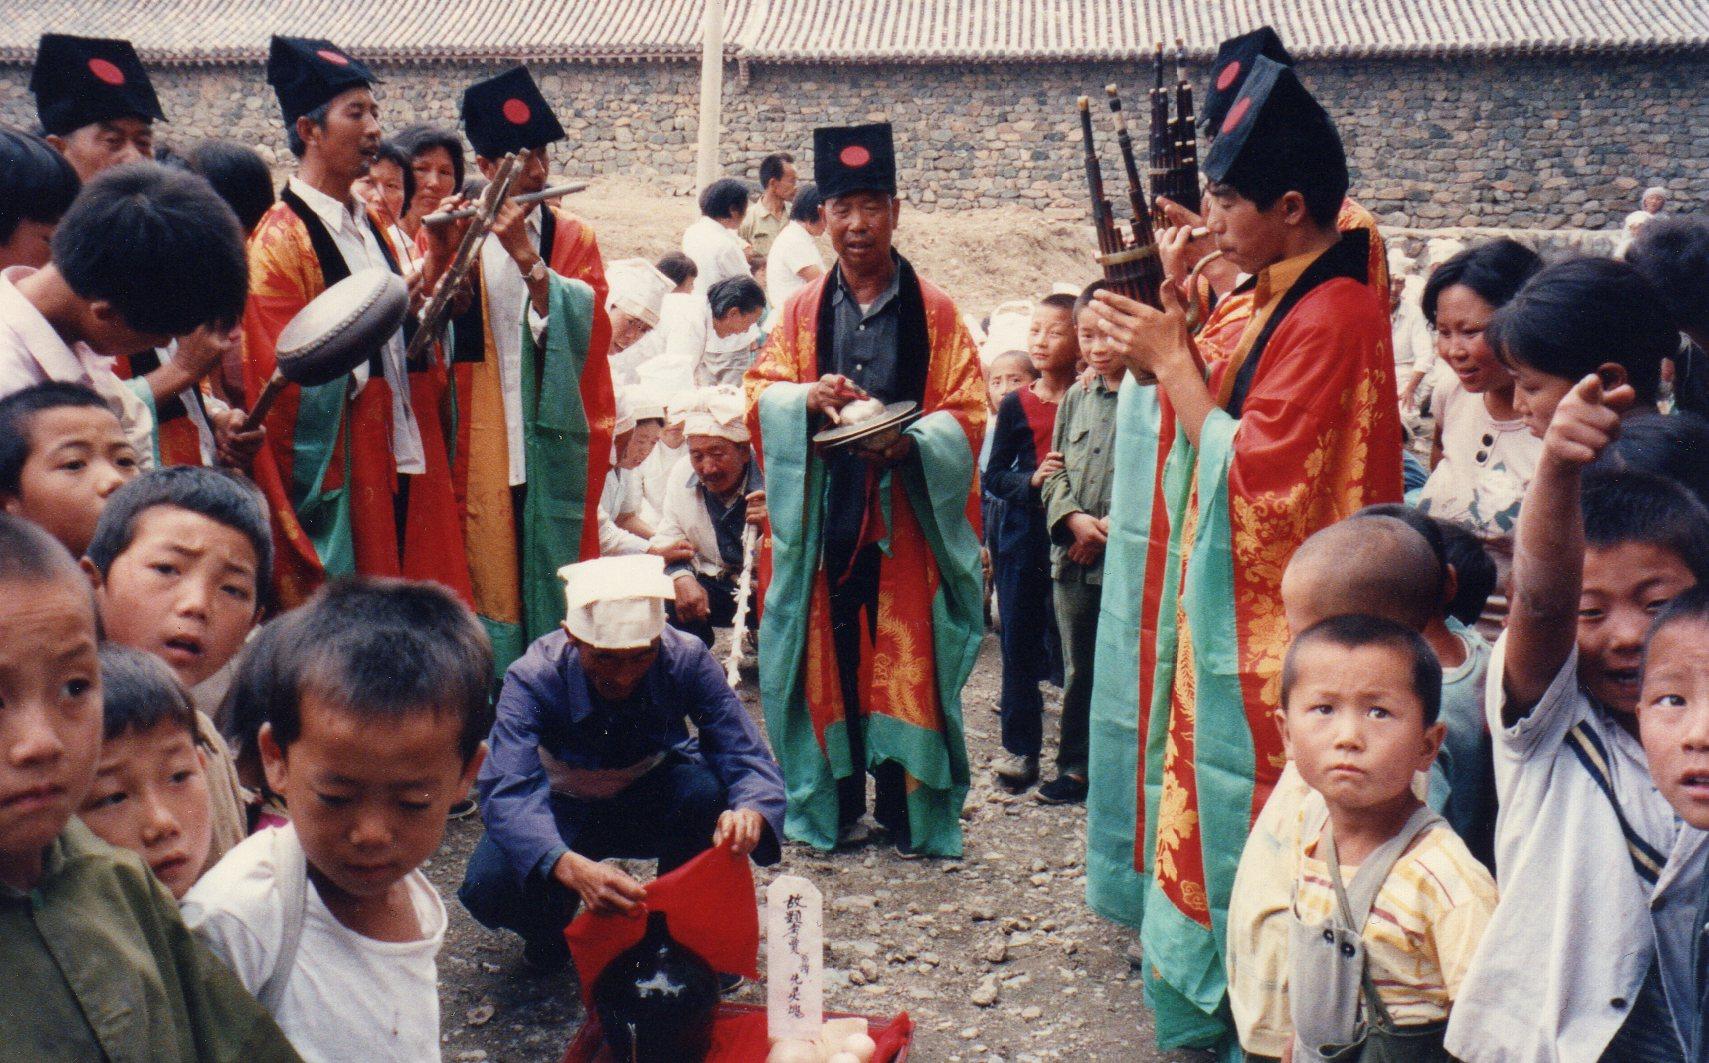 Li Yuan qushui better